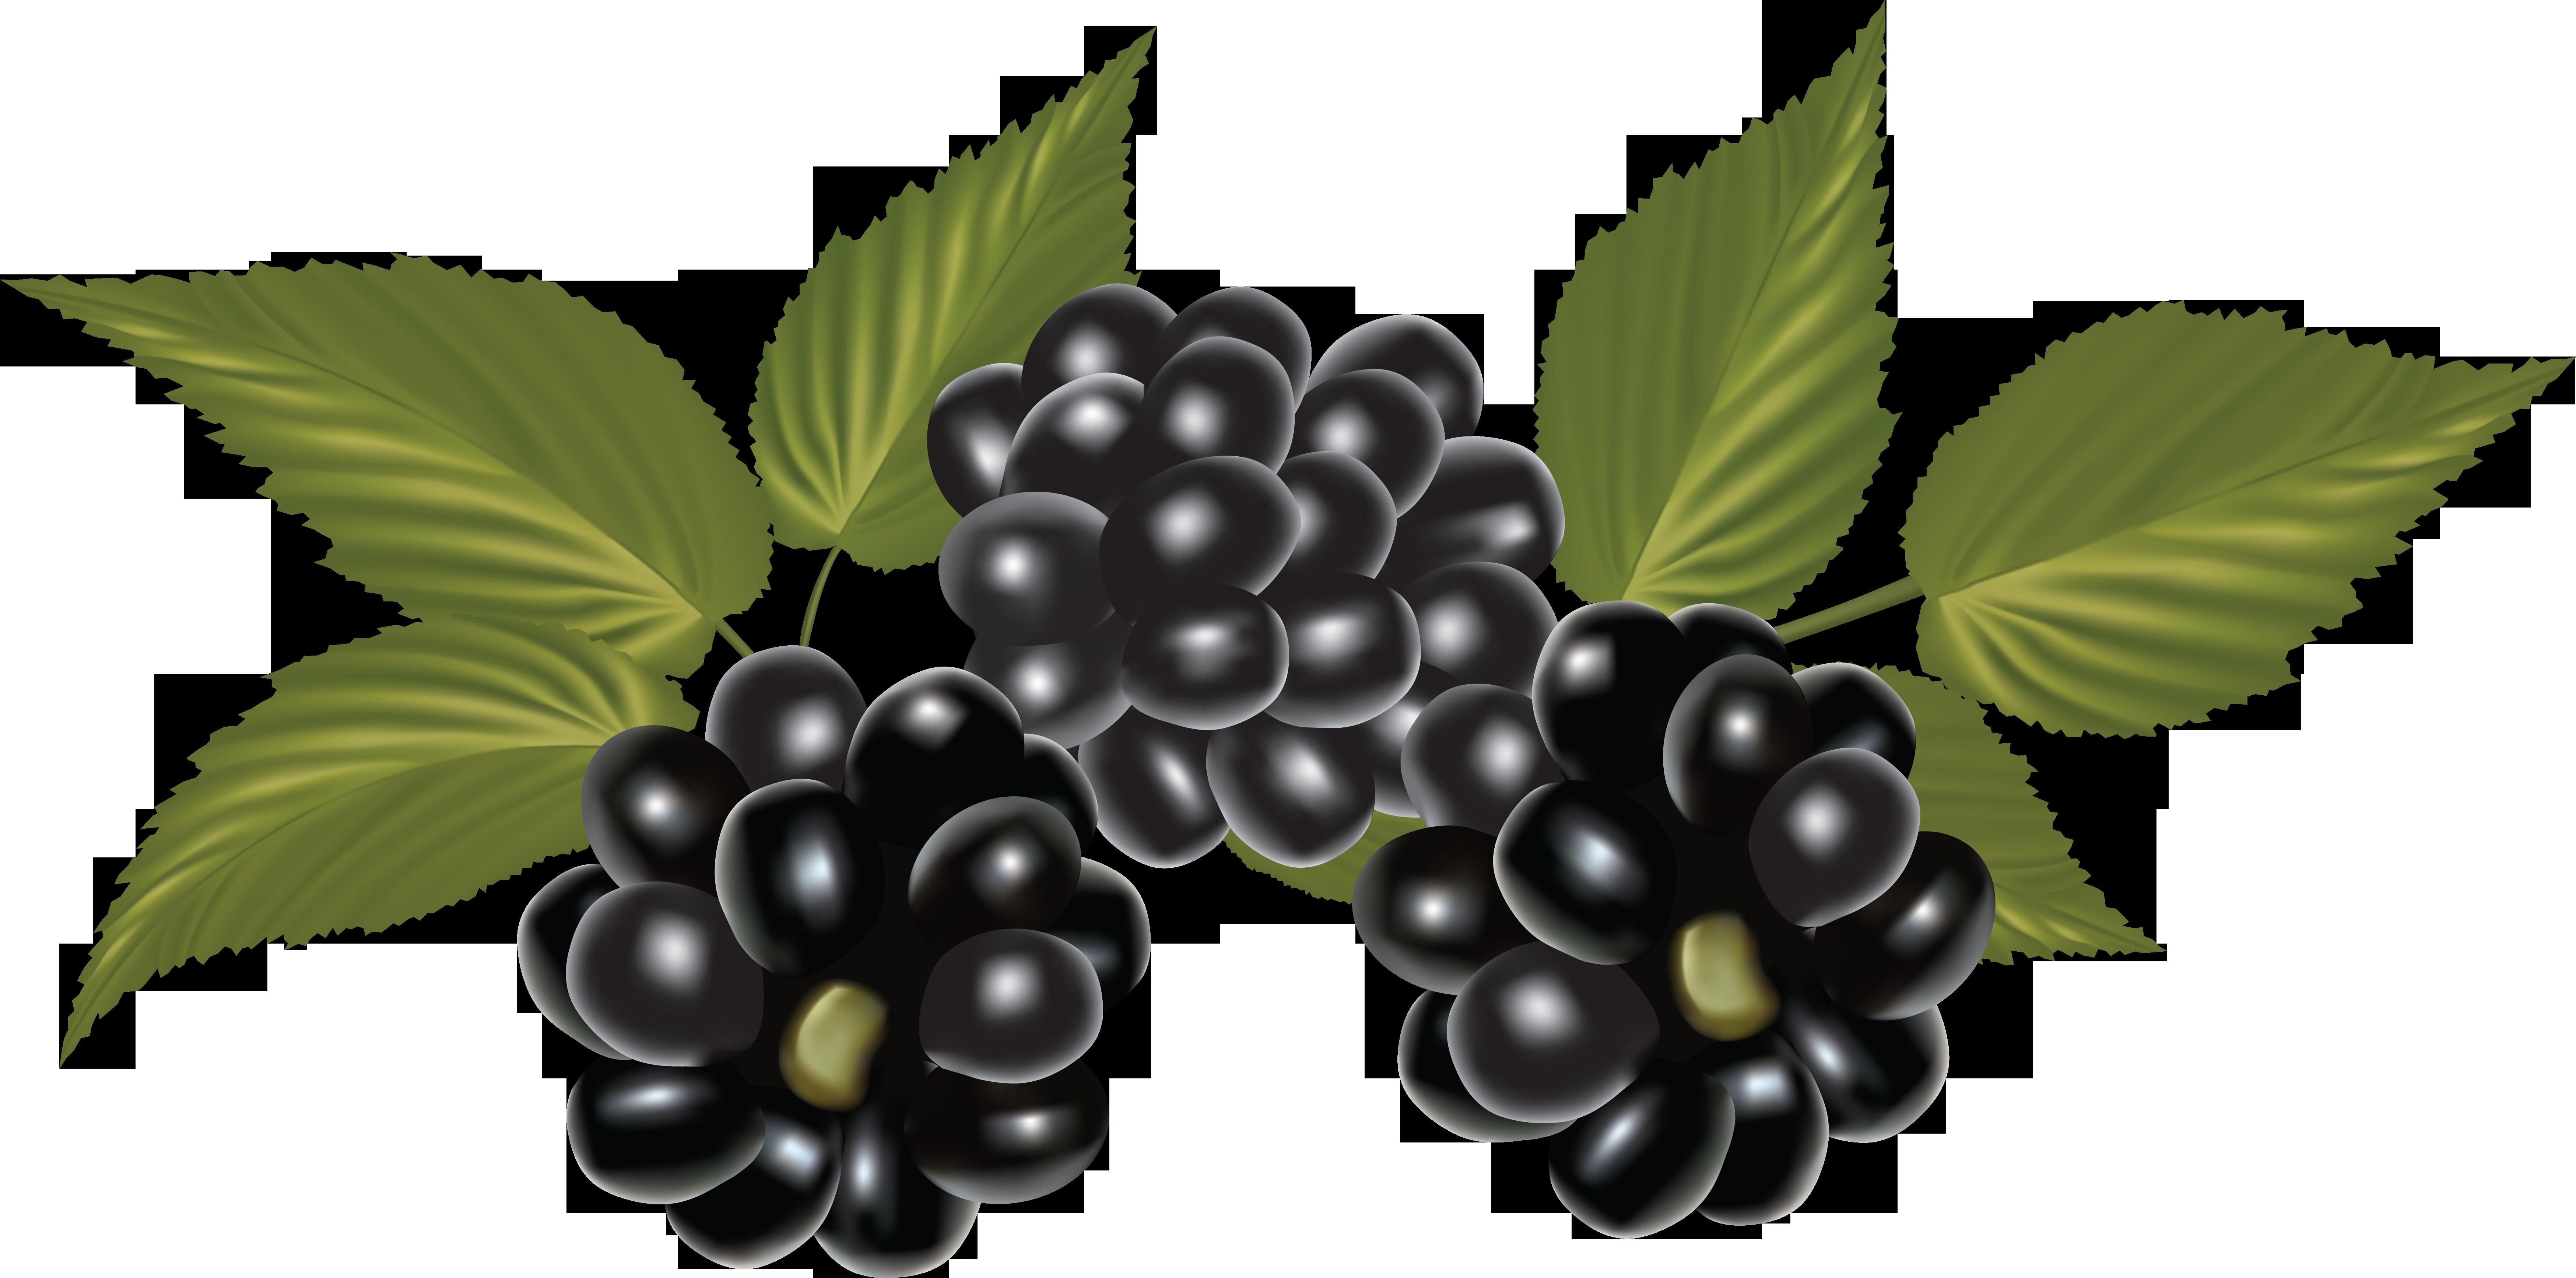 Blackberry, Clip Art, Blackberries, Rich Brunette.